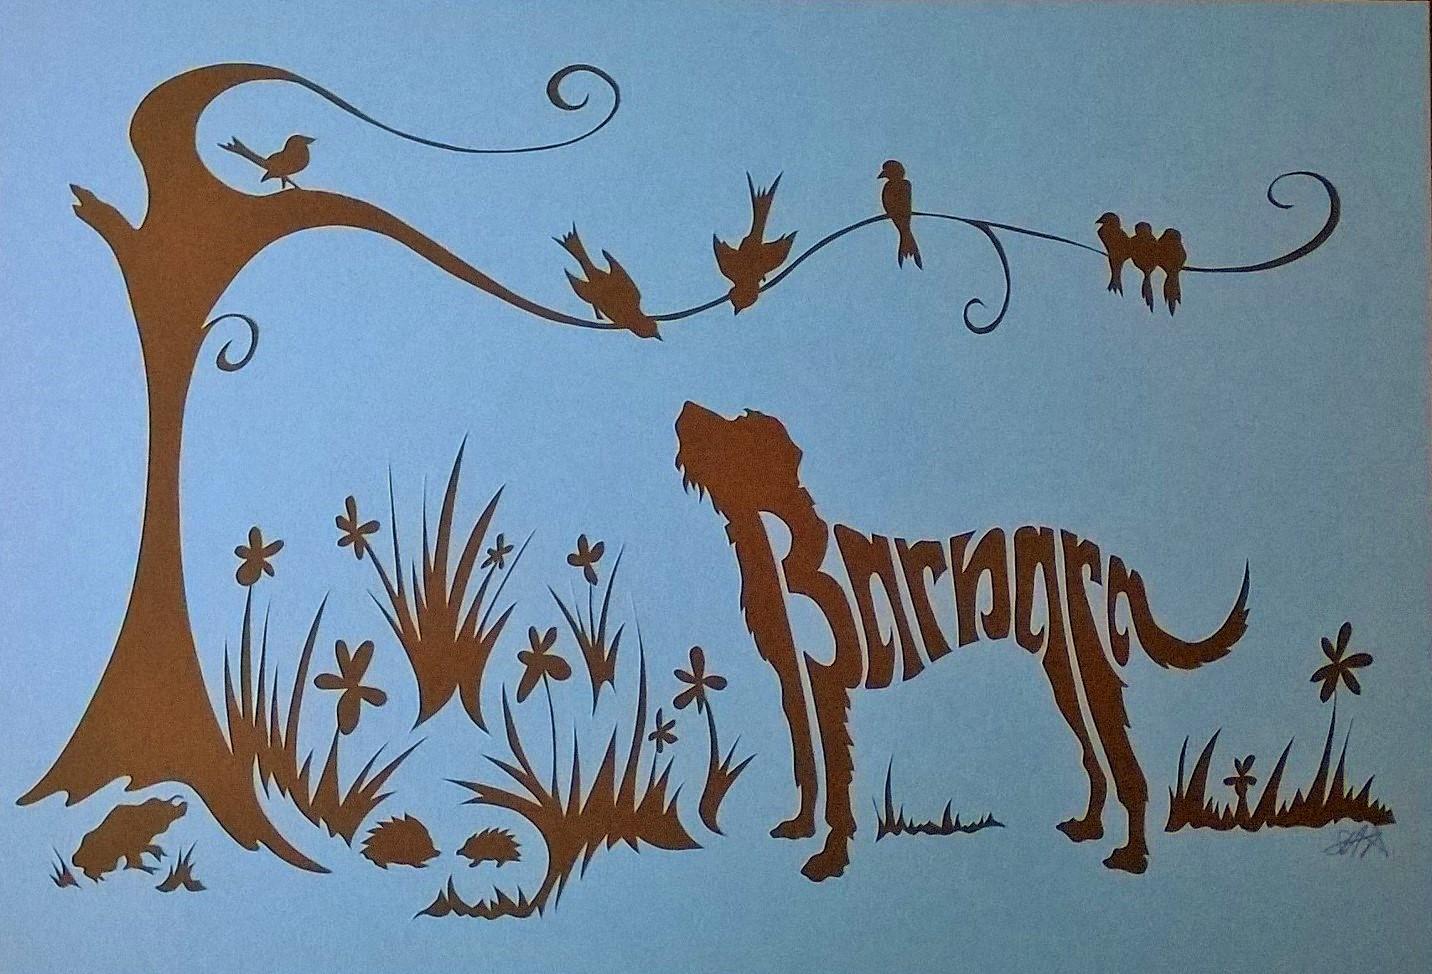 Personalised papercut for Barbara